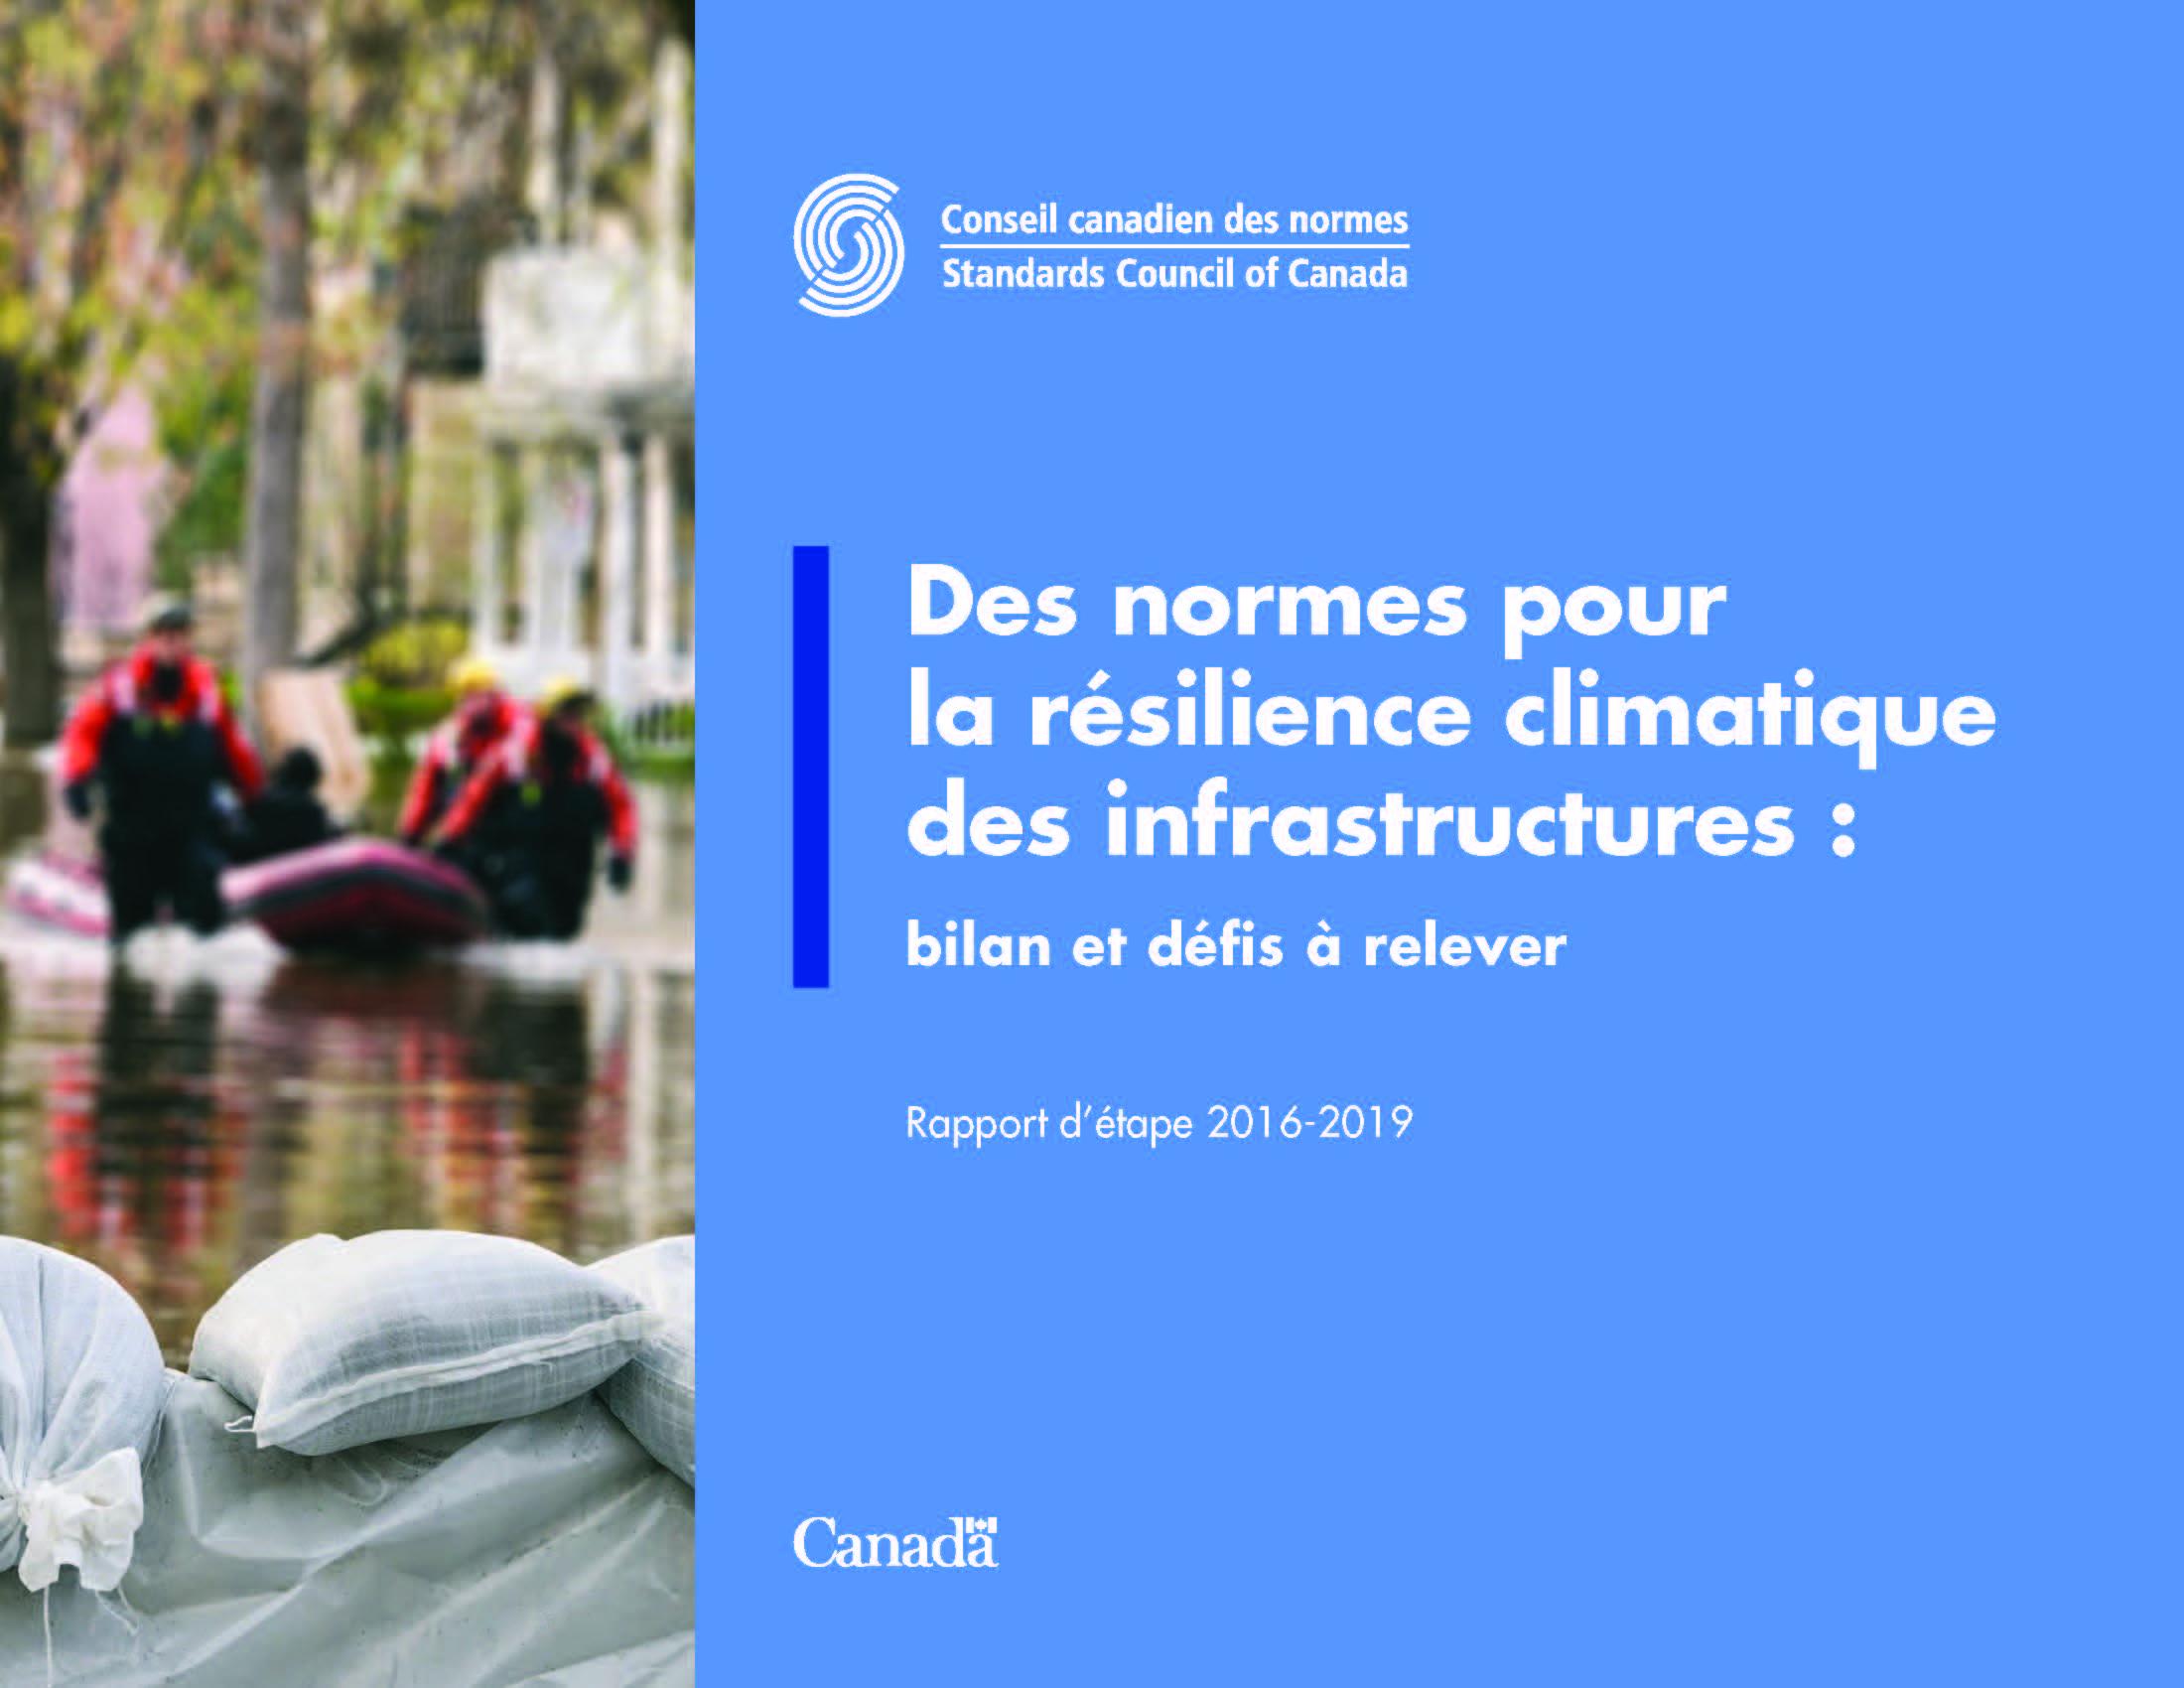 Des normes pour la résilience climatique des infrastructures : bilan et défis à relever